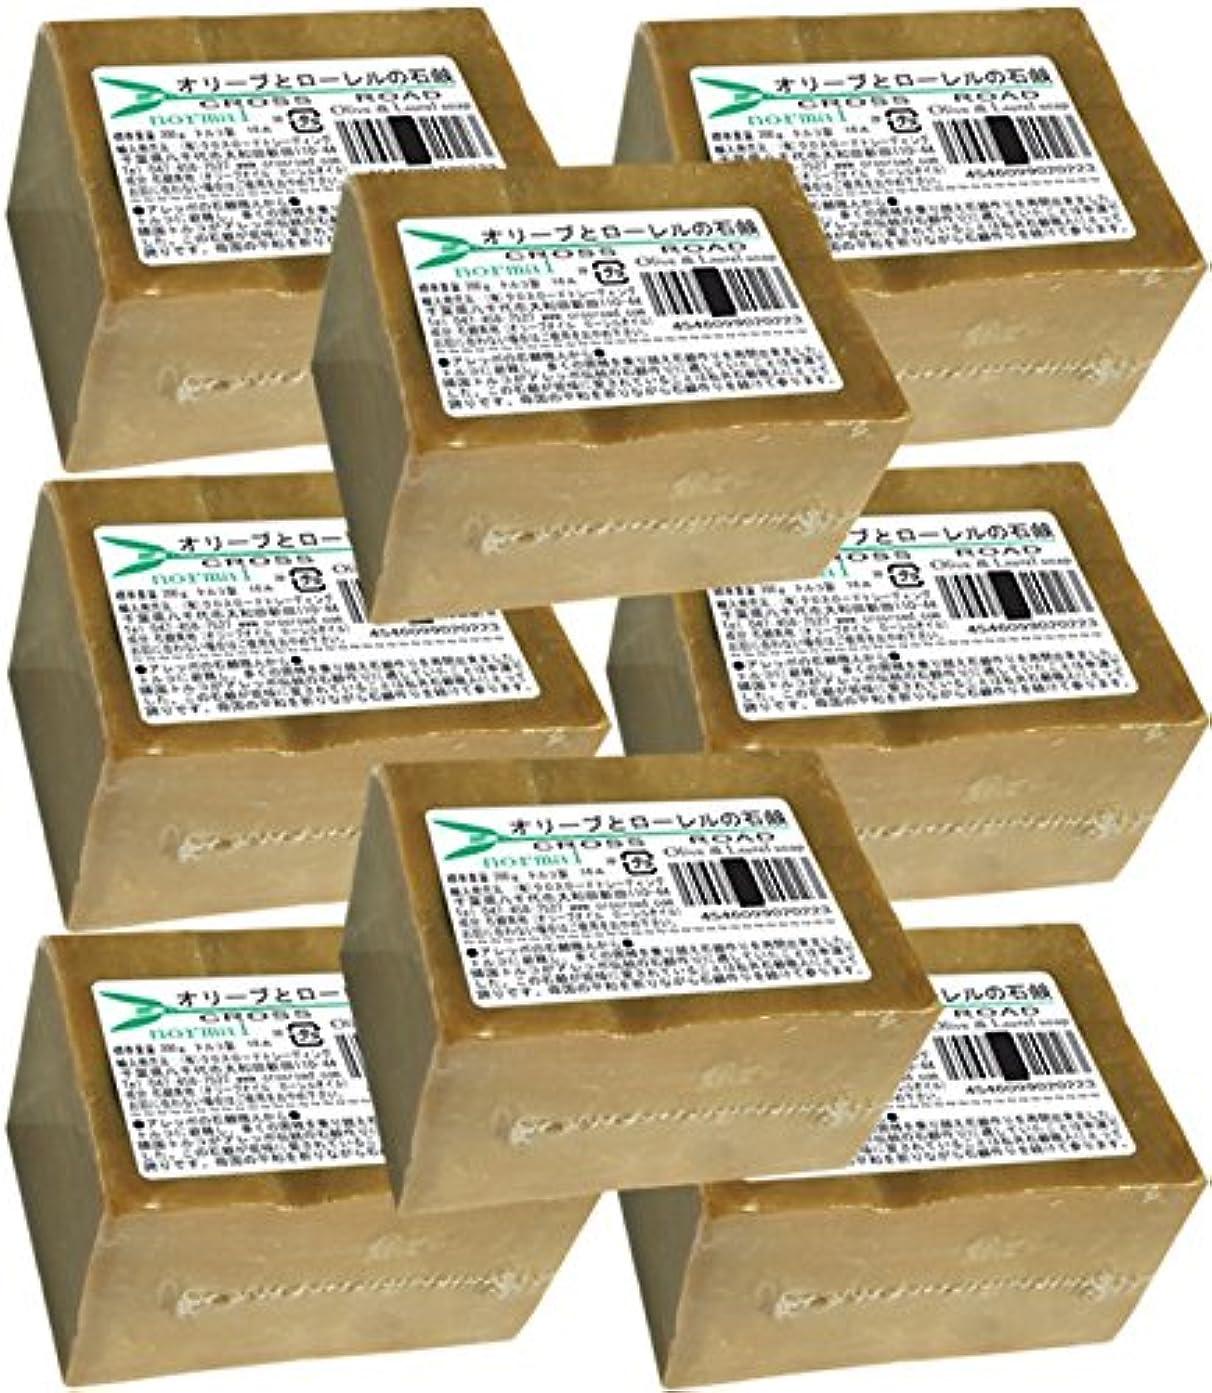 危険を冒しますアライアンスアパルオリーブとローレルの石鹸(ノーマル)8個セット[並行輸入品]